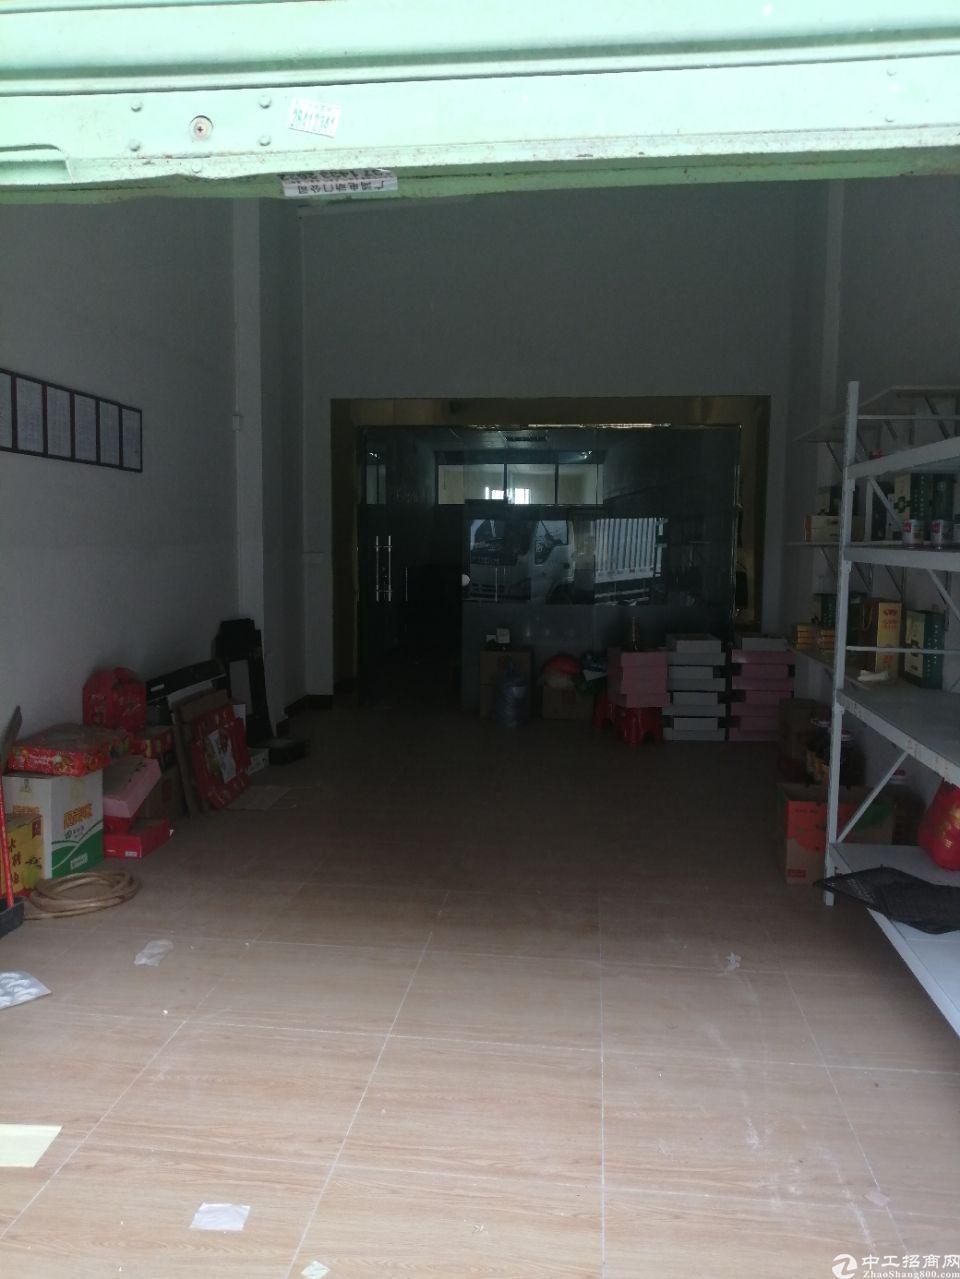 深圳平湖白泥坑附近一楼150标准厂房出租